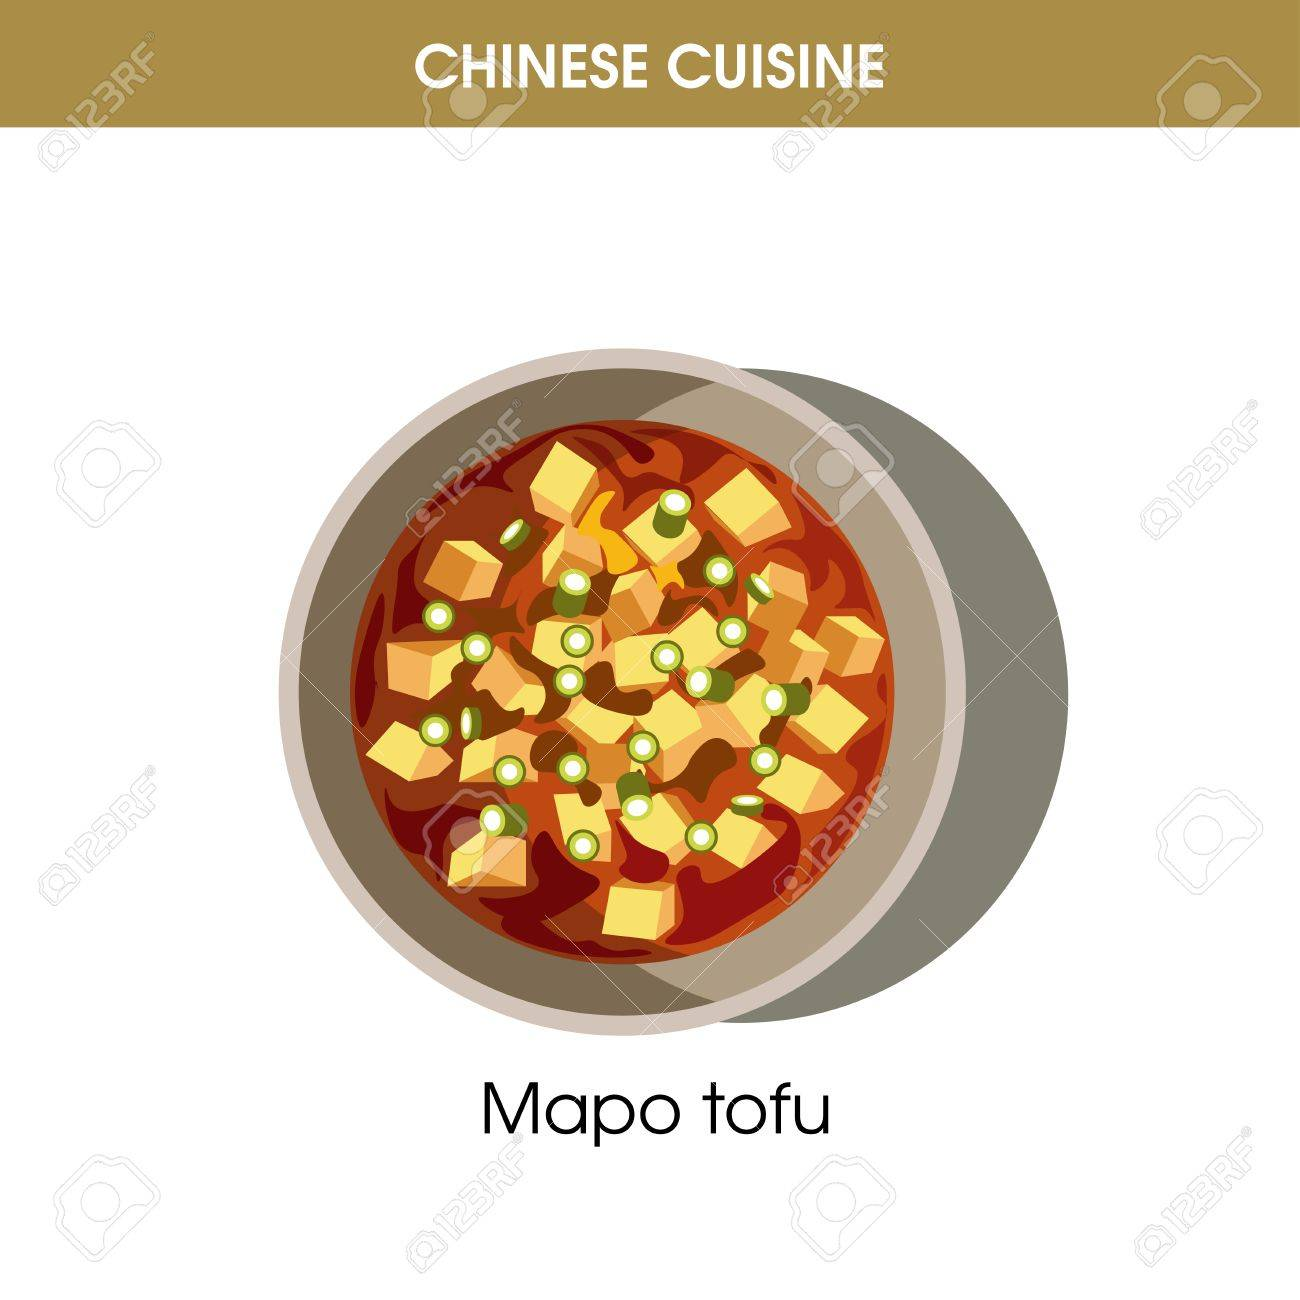 Cocina China Tradicional | Cocina China Mapo Tofu Icono De Vector De Comida De Plato